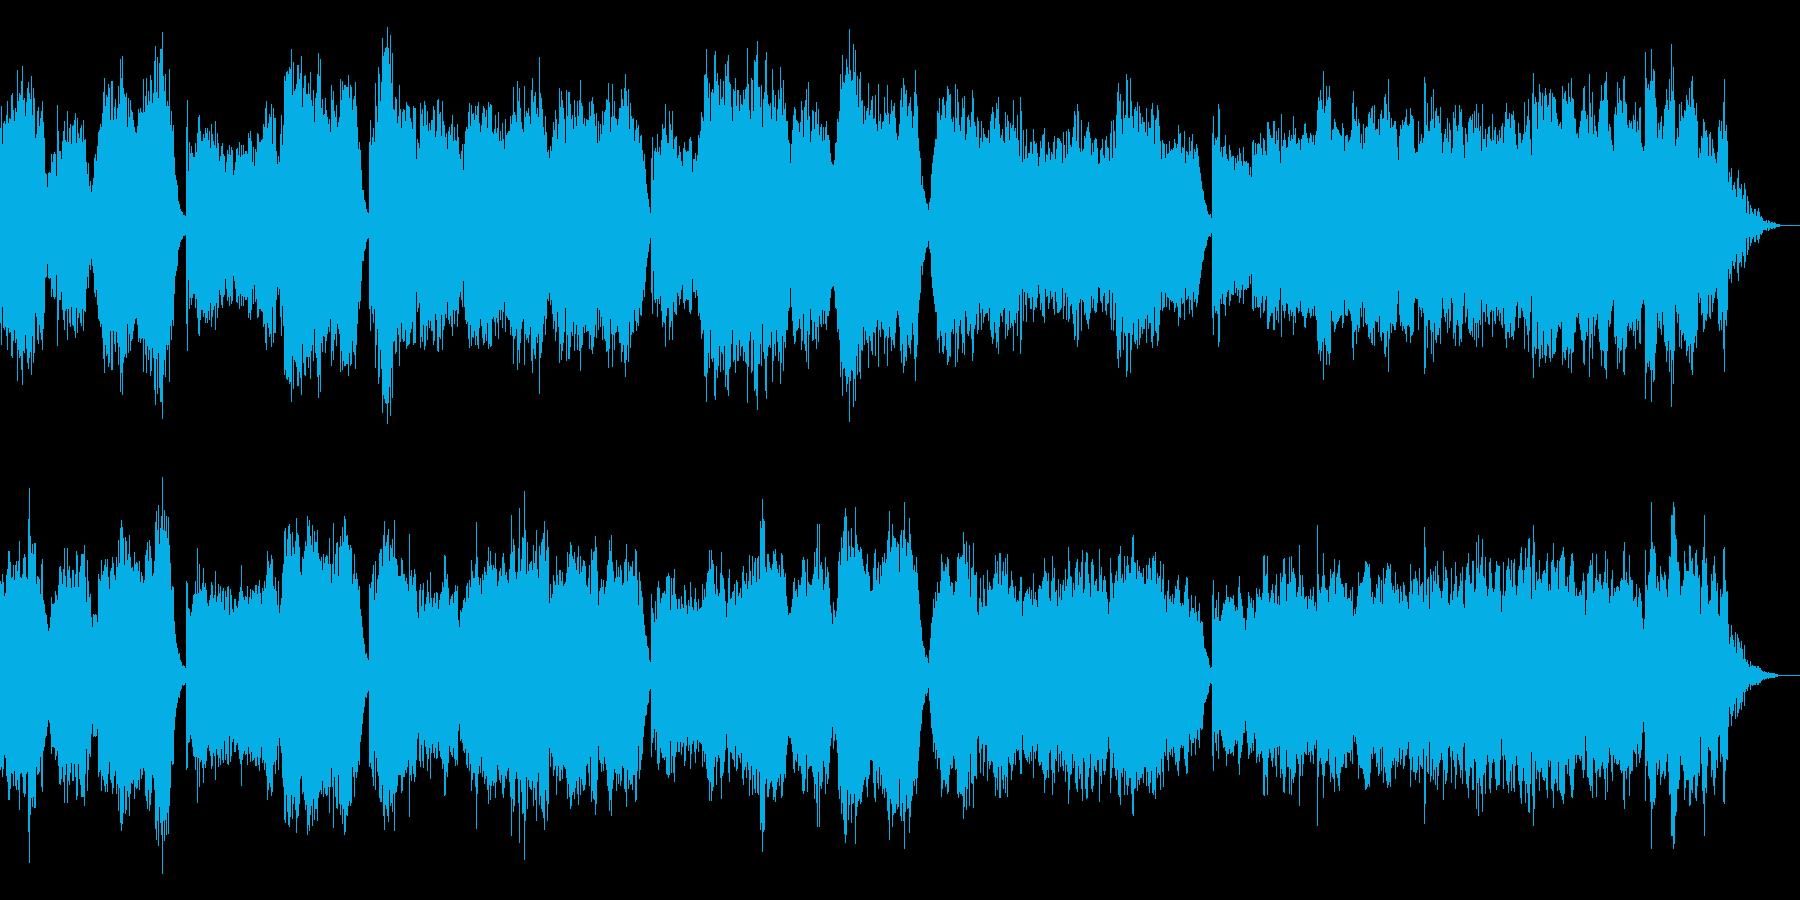 ストリングスの不安を煽る曲の再生済みの波形